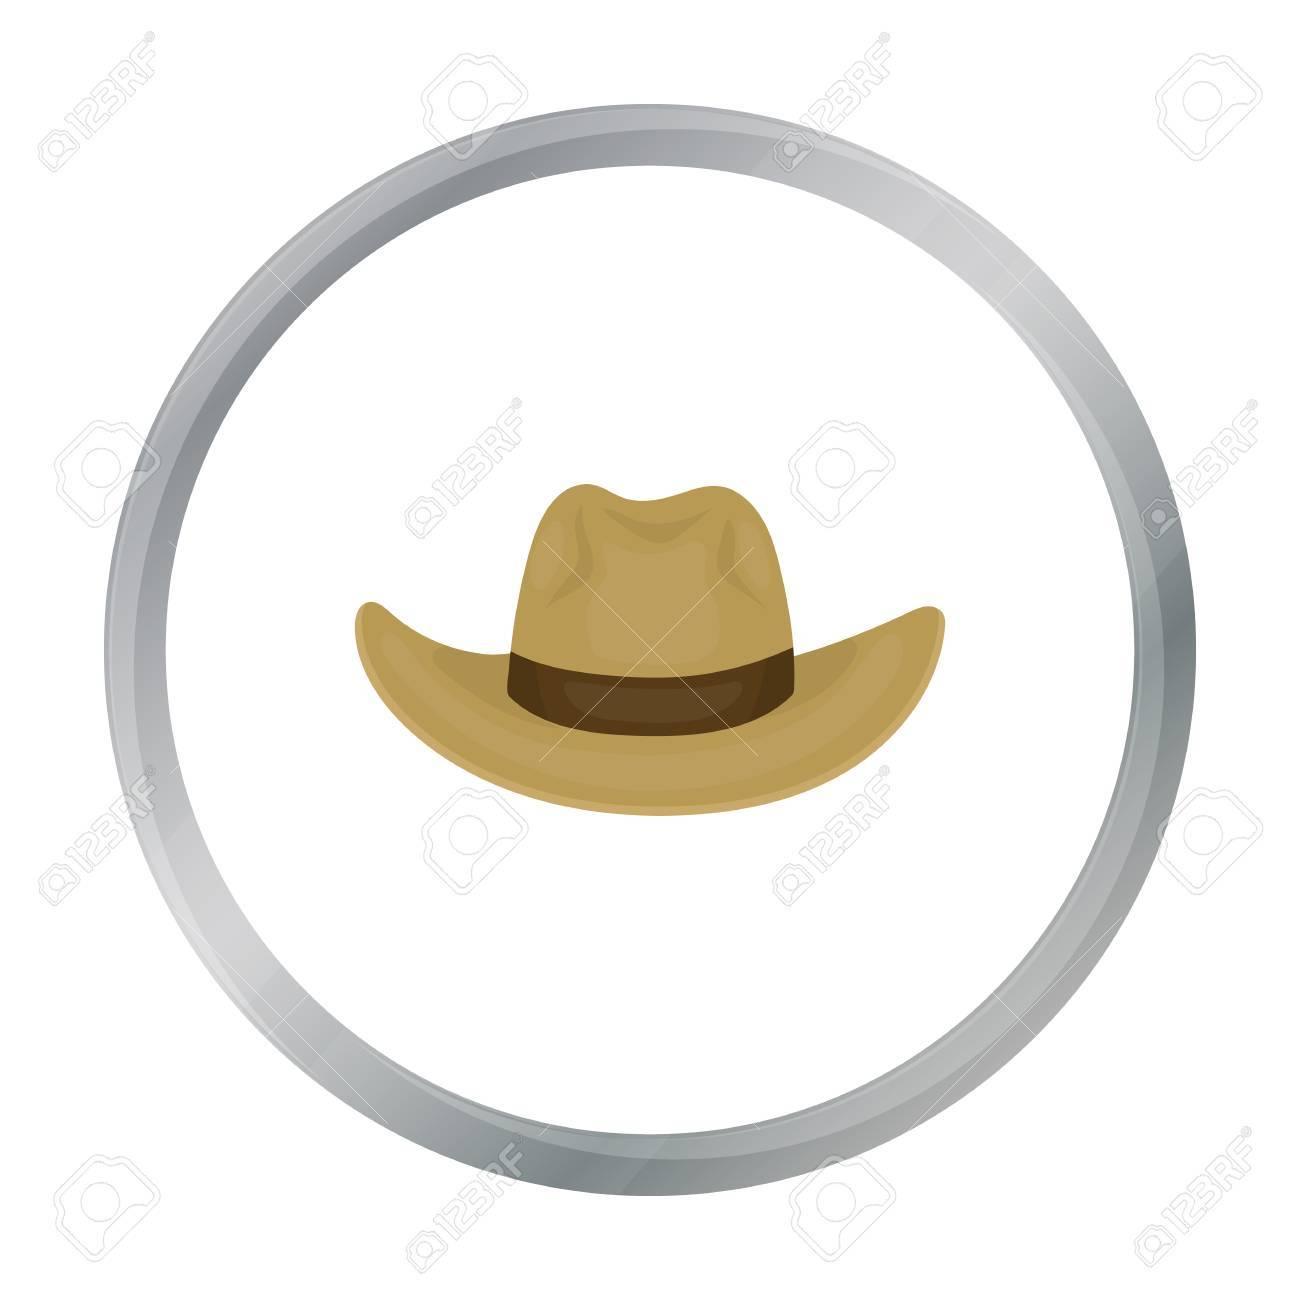 Foto de archivo - Icono de sombrero de vaquero en estilo de dibujos  animados aislado sobre fondo blanco. Sombreros símbolo stock vector  ilustración. a268d2fb1ac